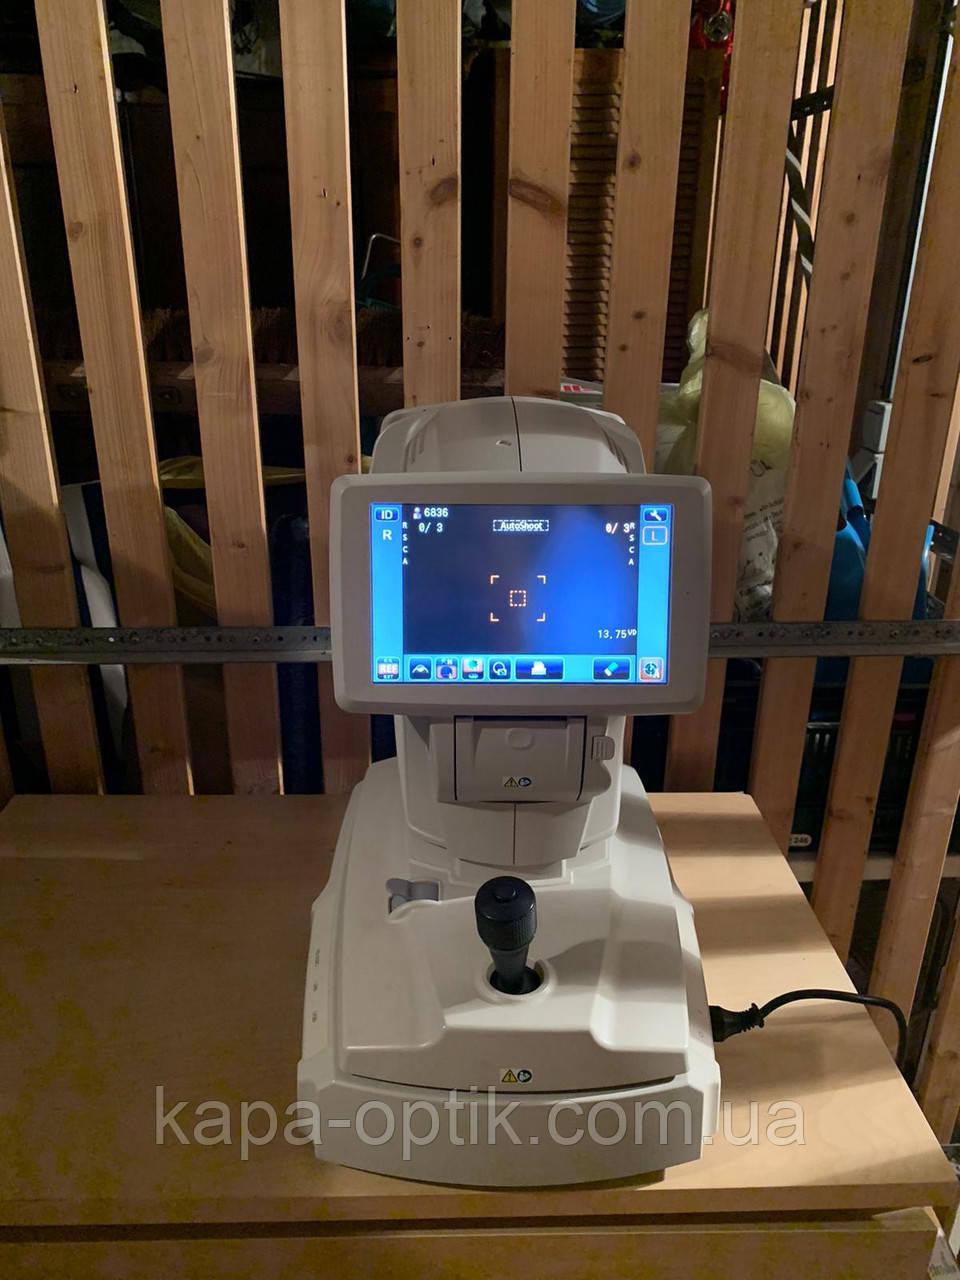 Авторефкератометр TOPCON KR-800